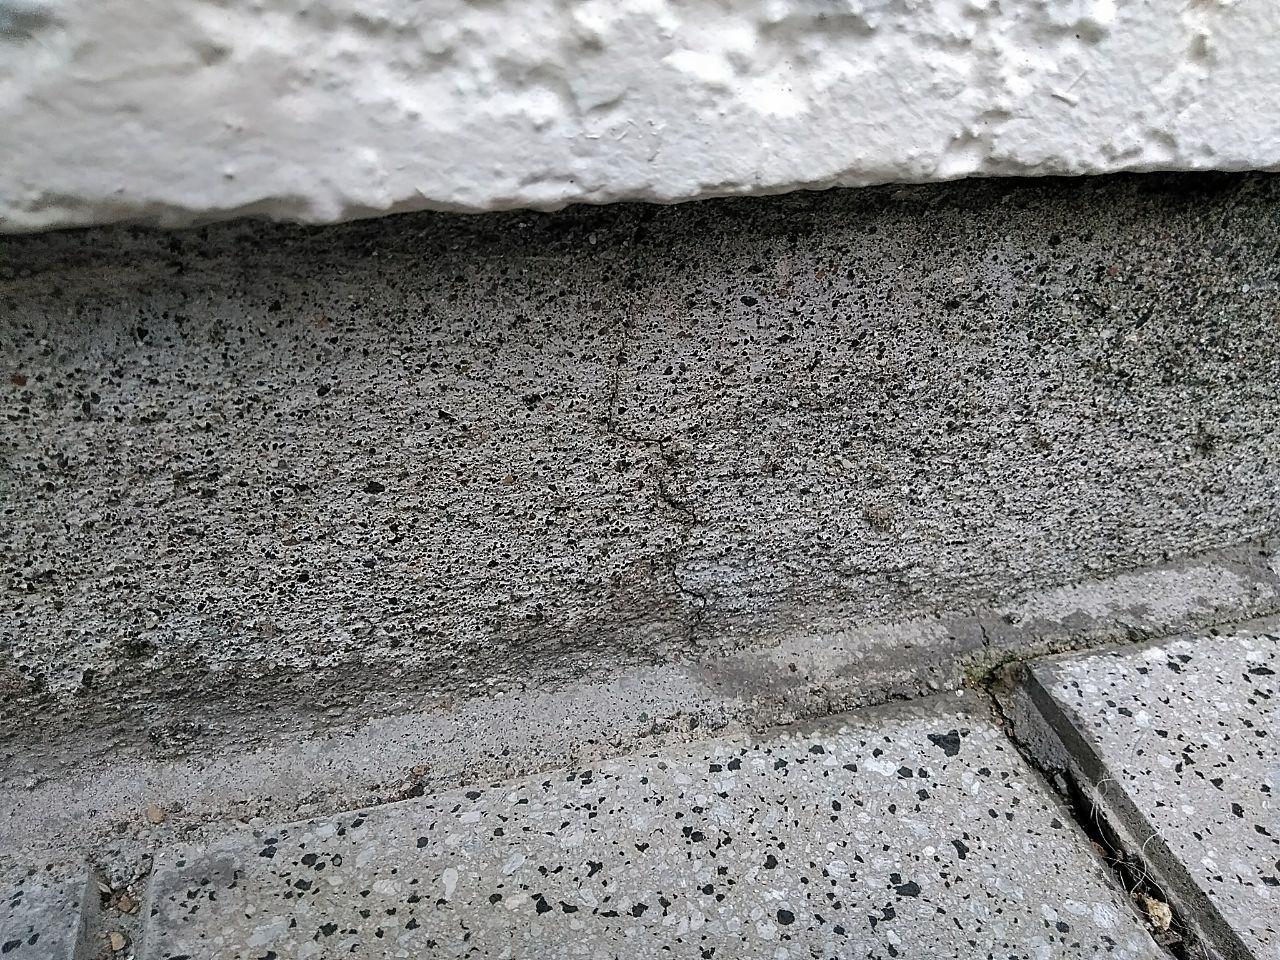 横浜市港北区で2×4の東北大震災地震保険申請